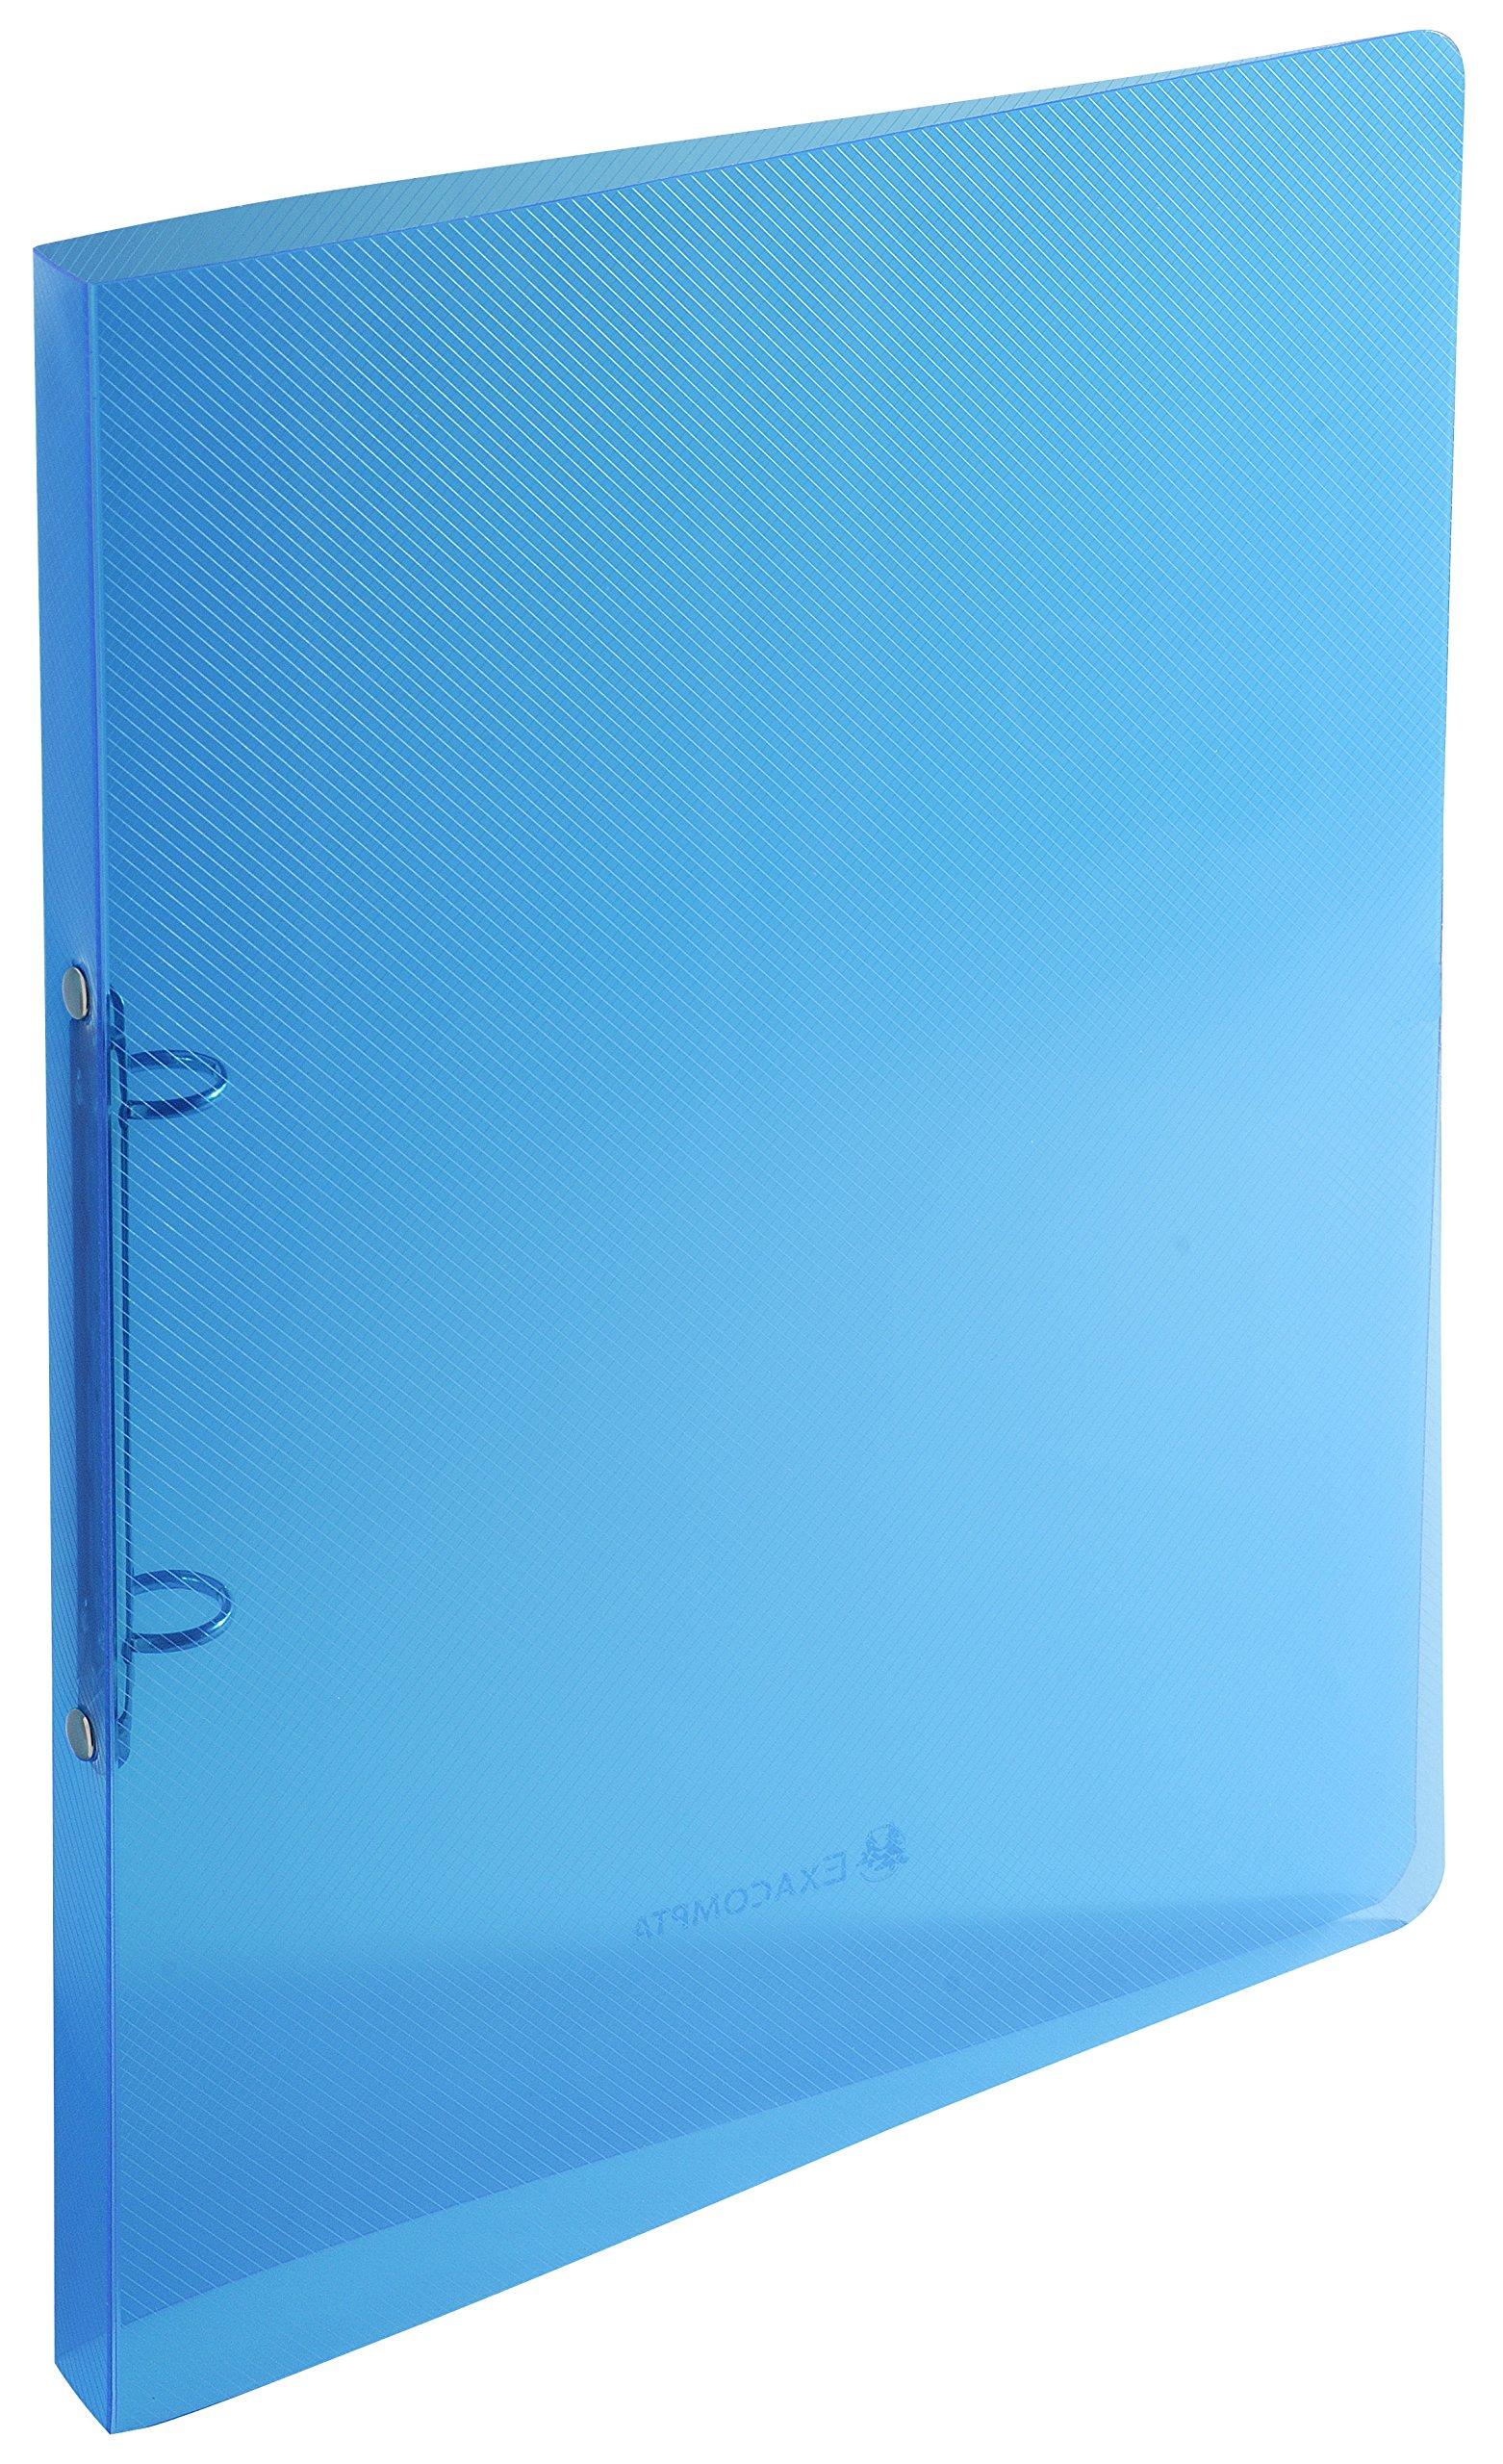 Exacompta Polypropylene Ring Binder DIN A4 blue